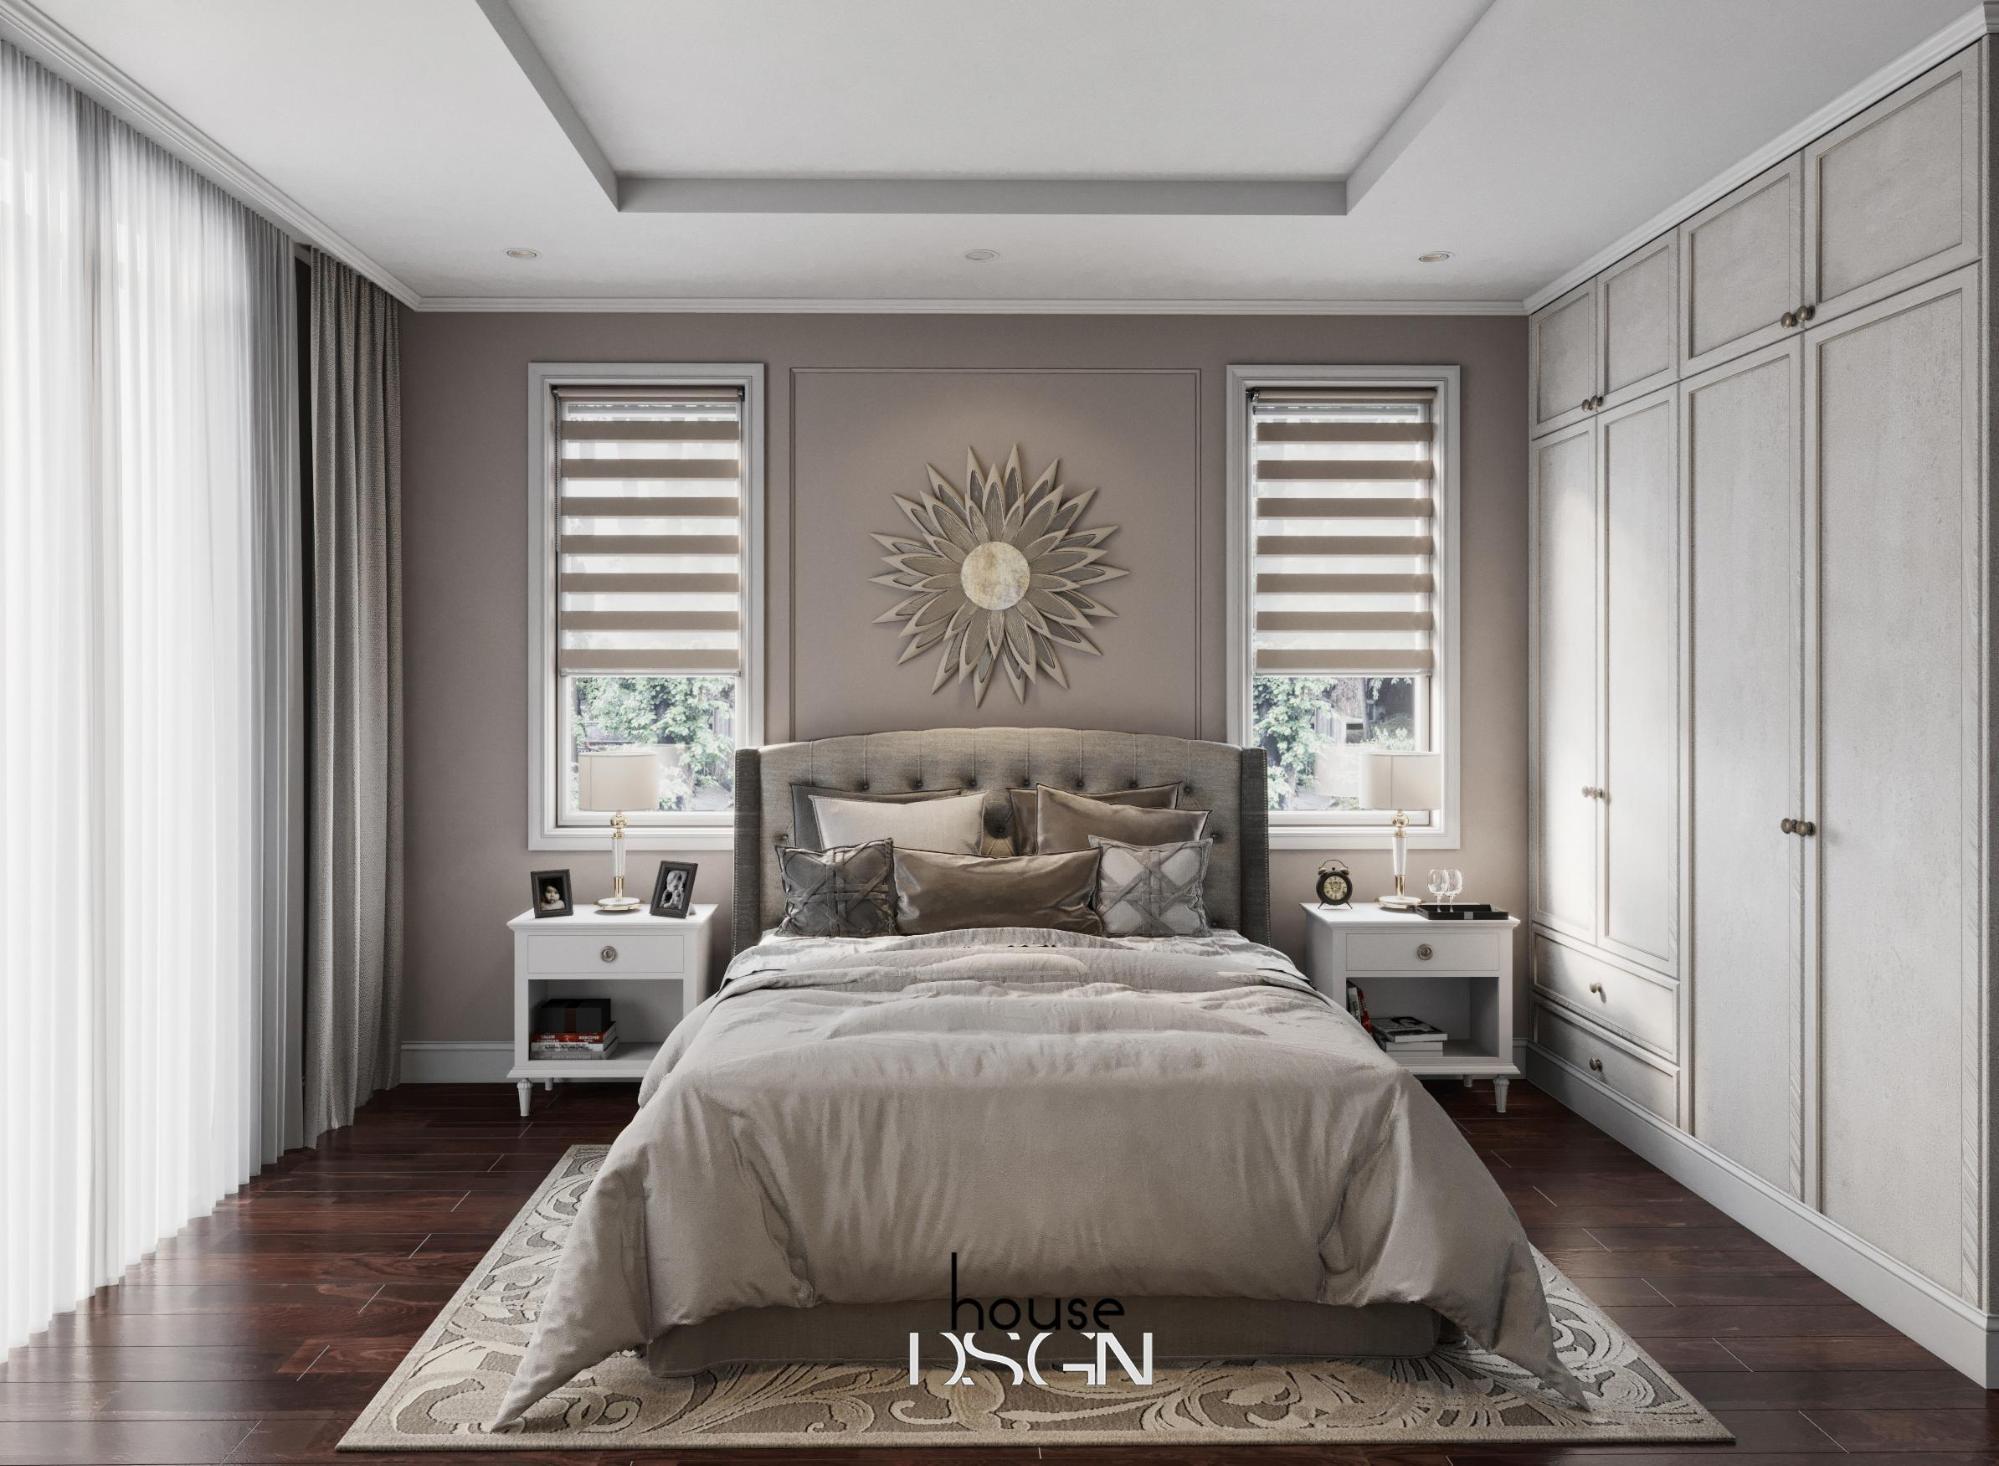 mẫu thiết kế nội thất phong cách châu âu đẹp